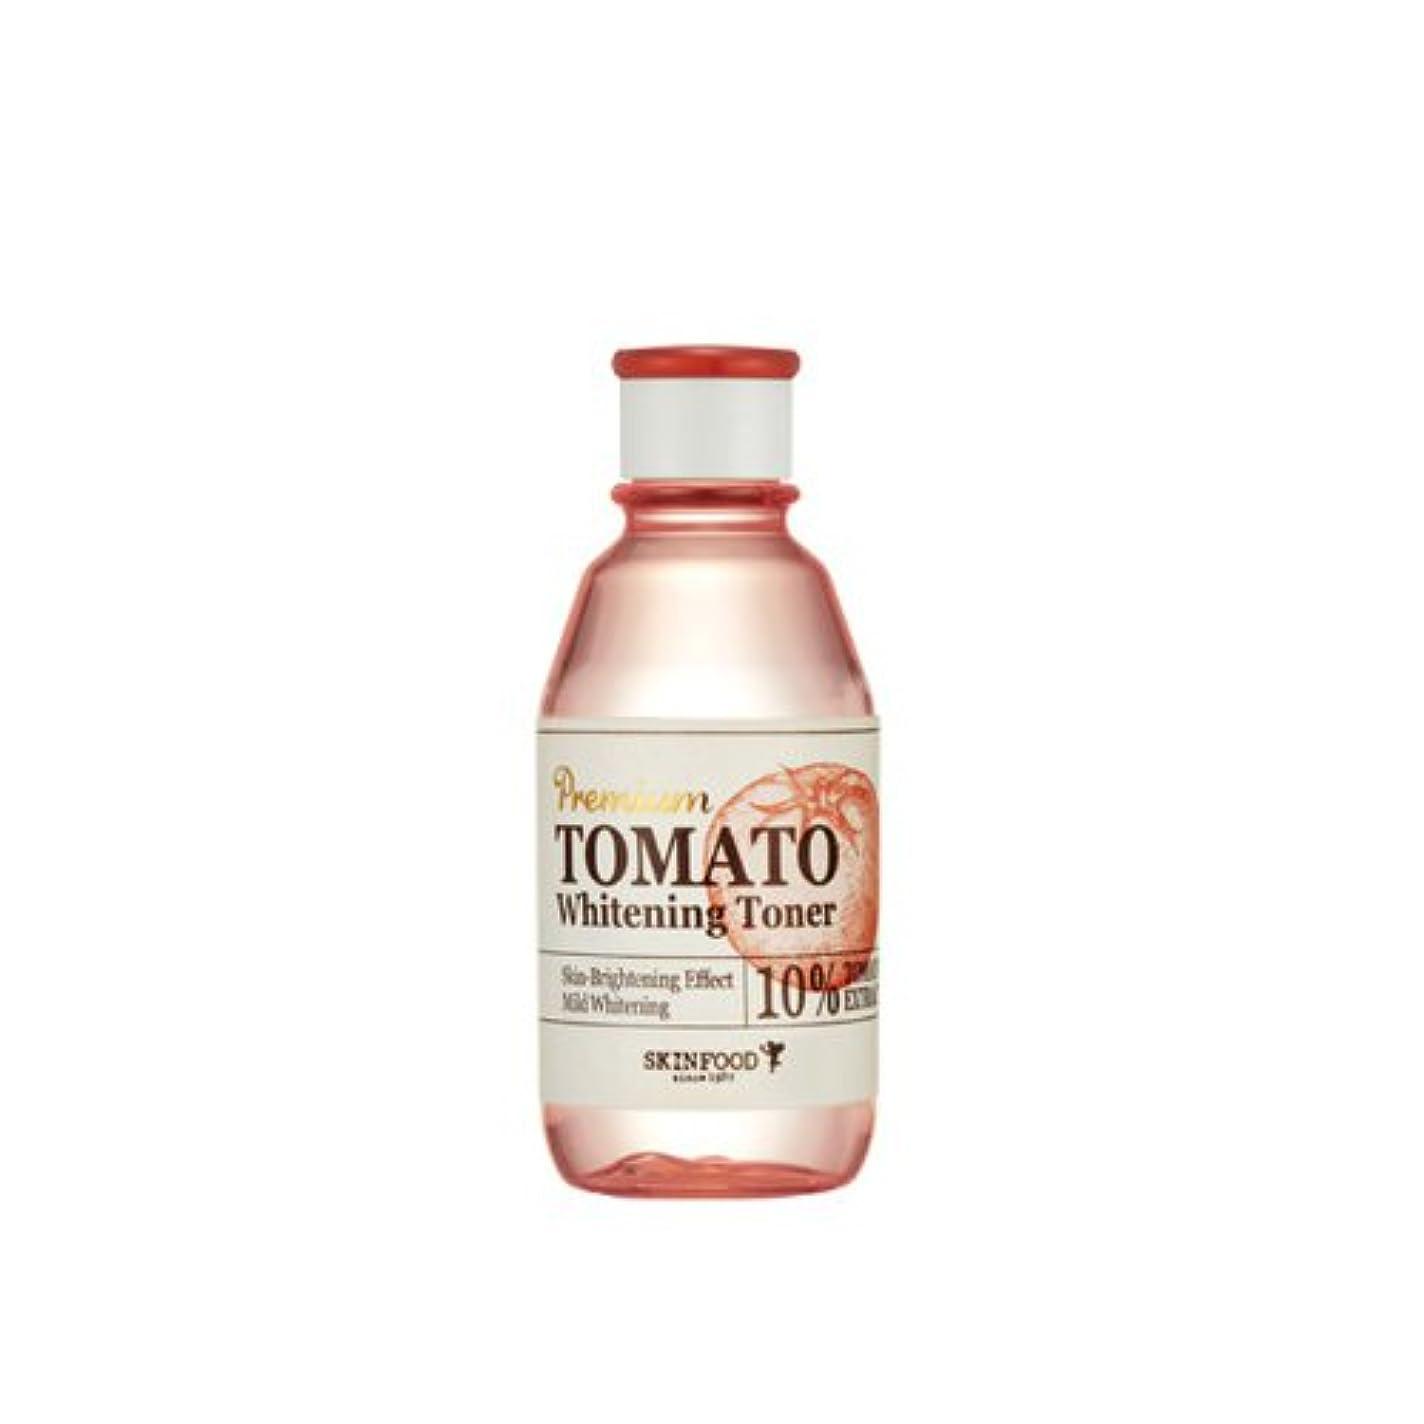 保存違うここにスキンフード プレミアム トマト ホワイトニングトナー [海外直送品][並行輸入品]